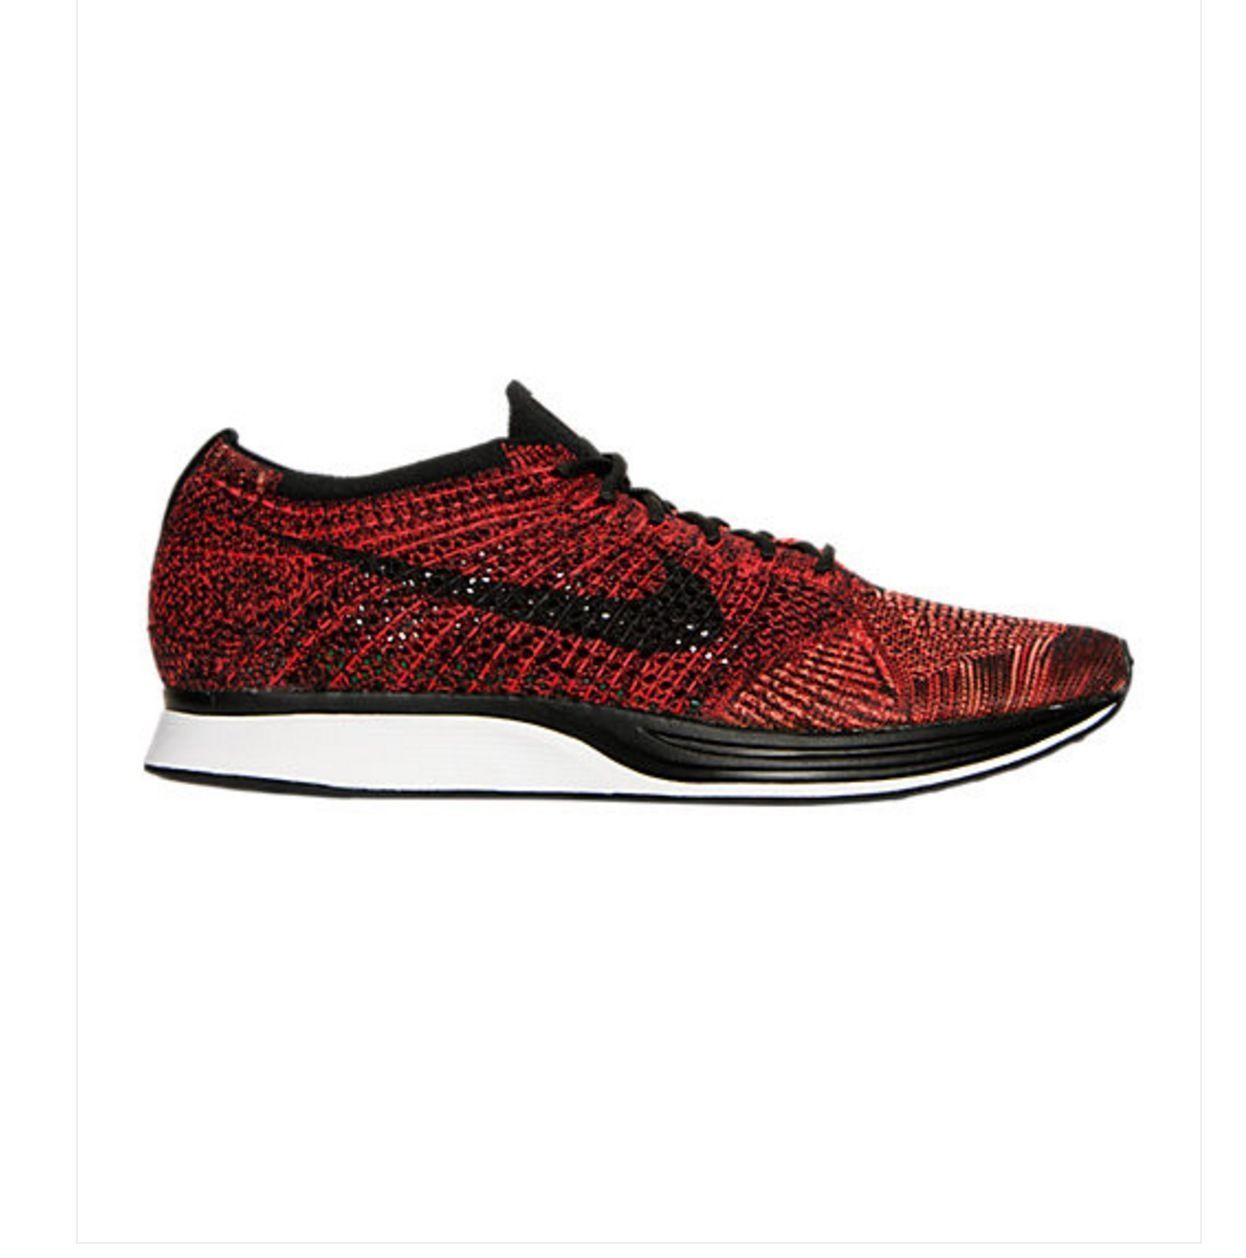 Nike Flyknit Racer Running Shoes Red Black SZ  526628-608 US MEN SZ Black 7 BRAND NEW 915e50